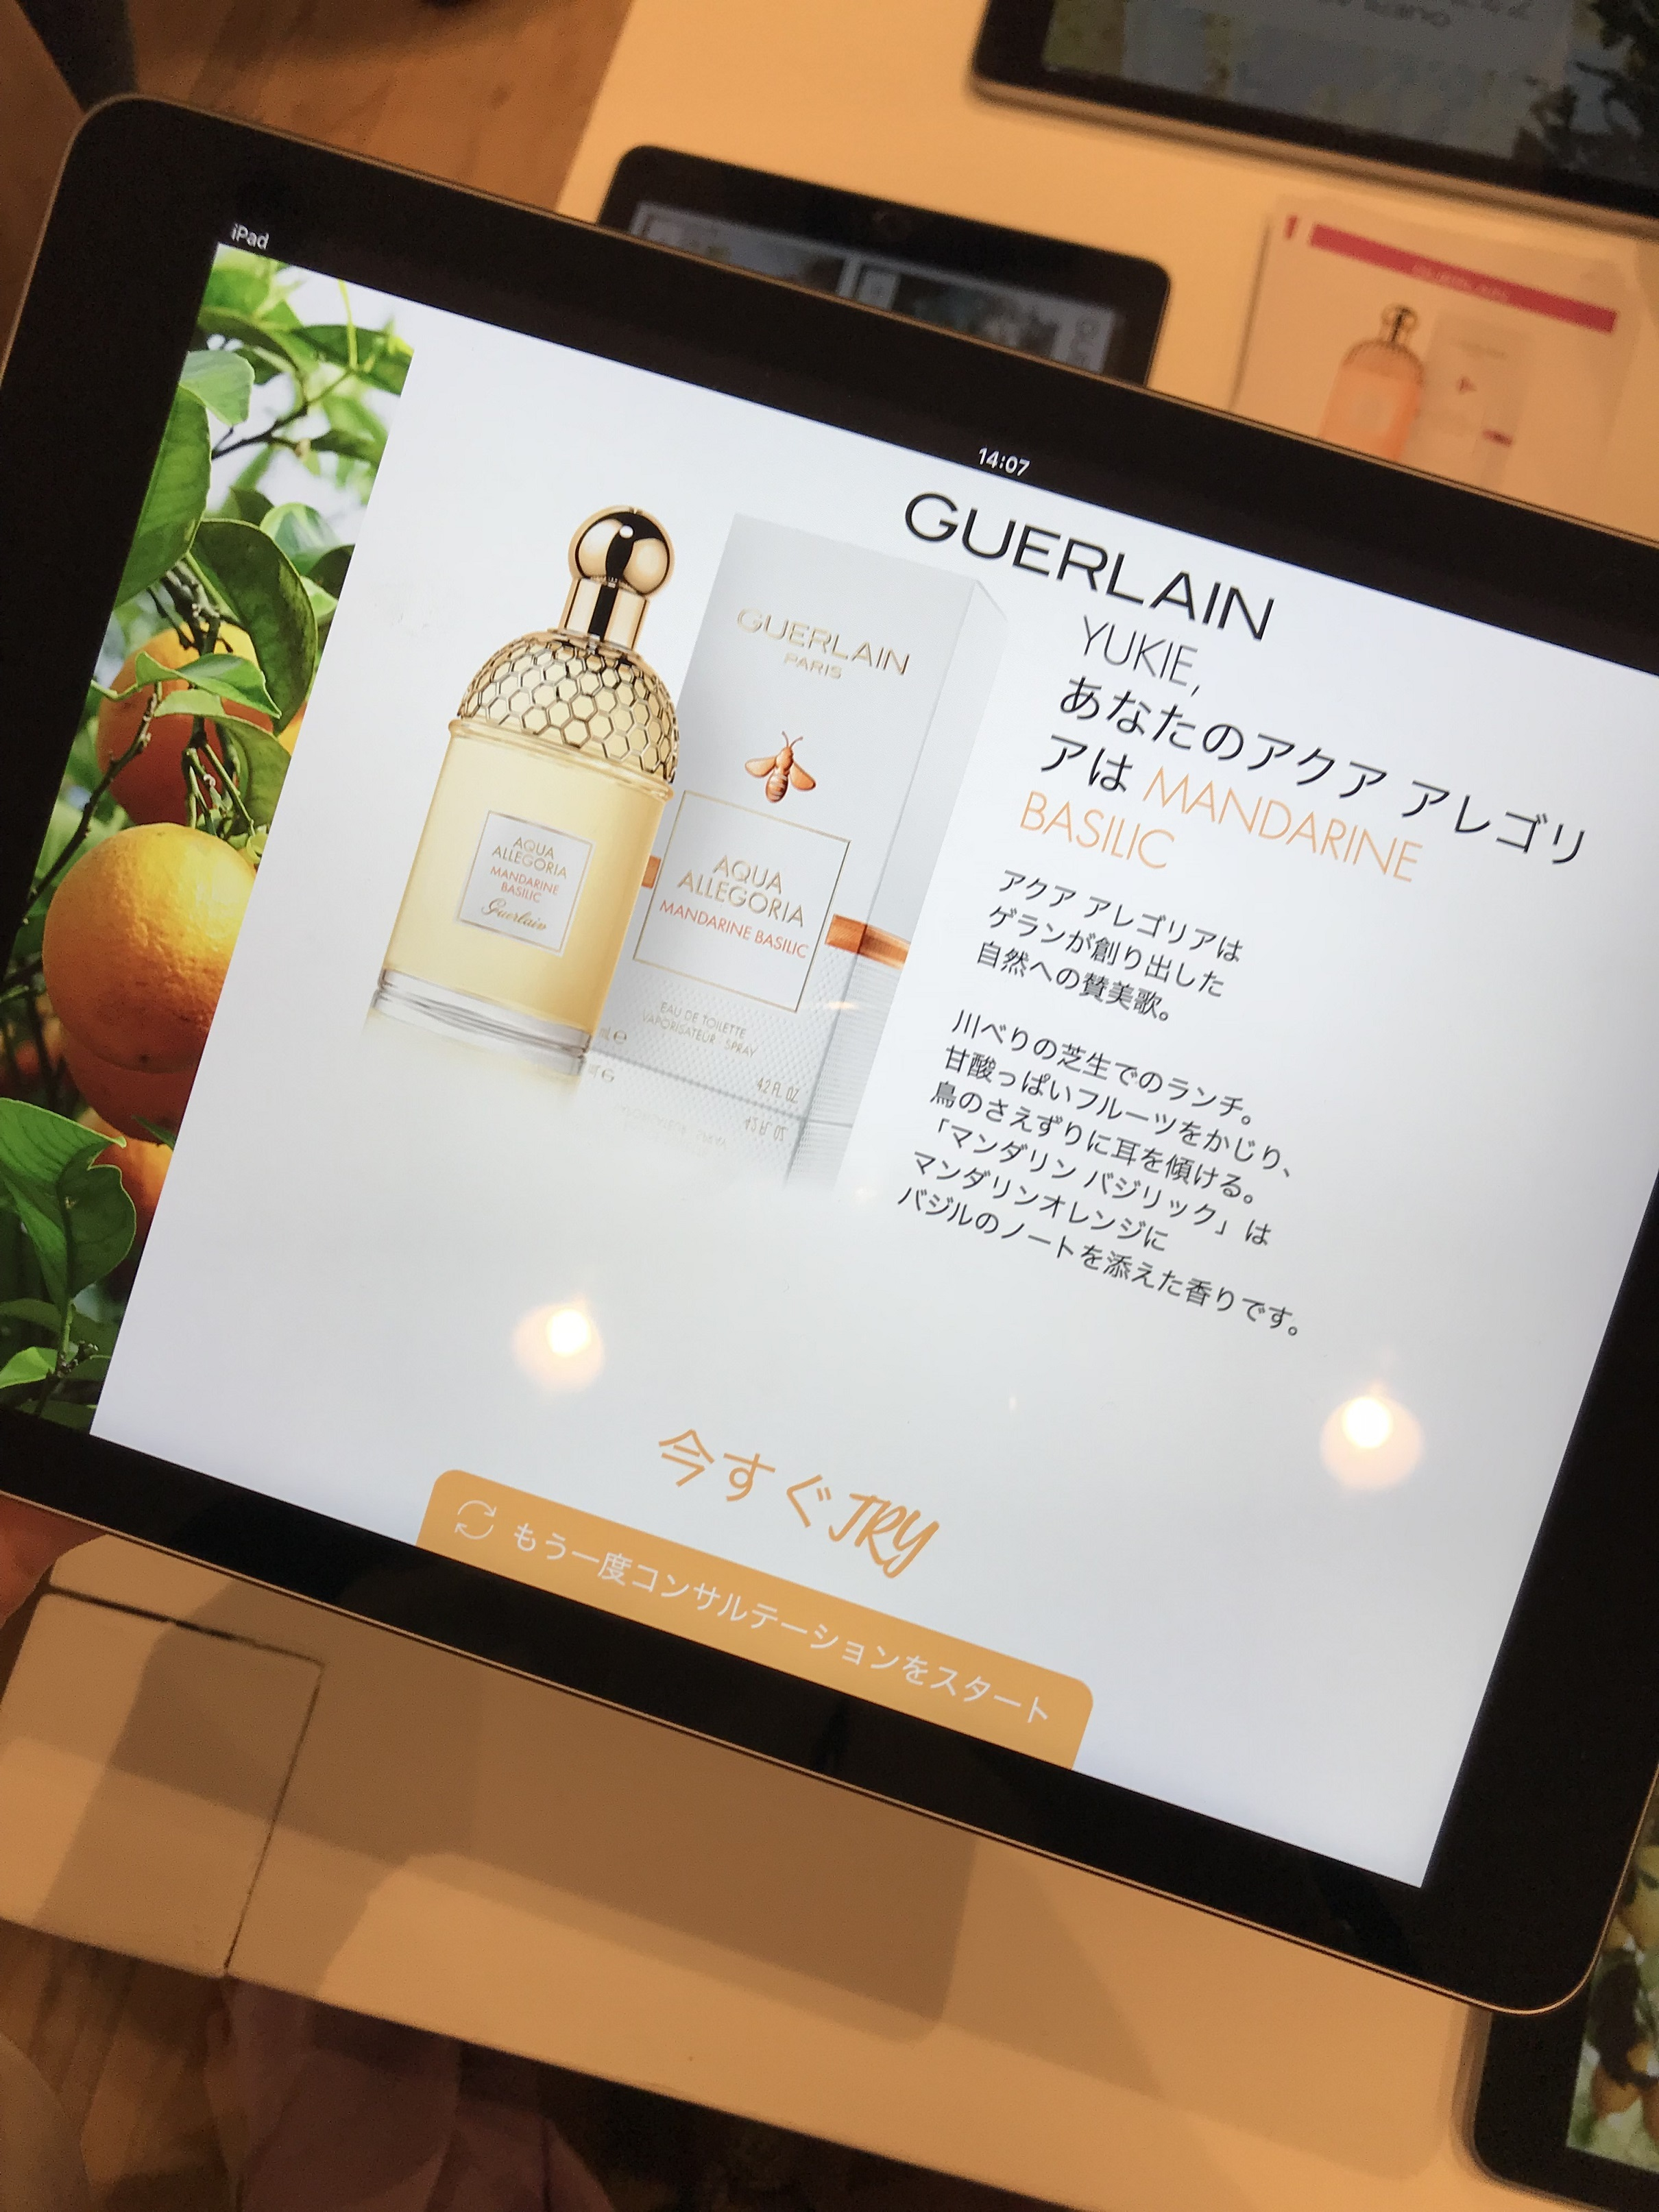 ゲランの大人気フレグランス「アクア アレゴリア」に新作が登場!_1_3-1